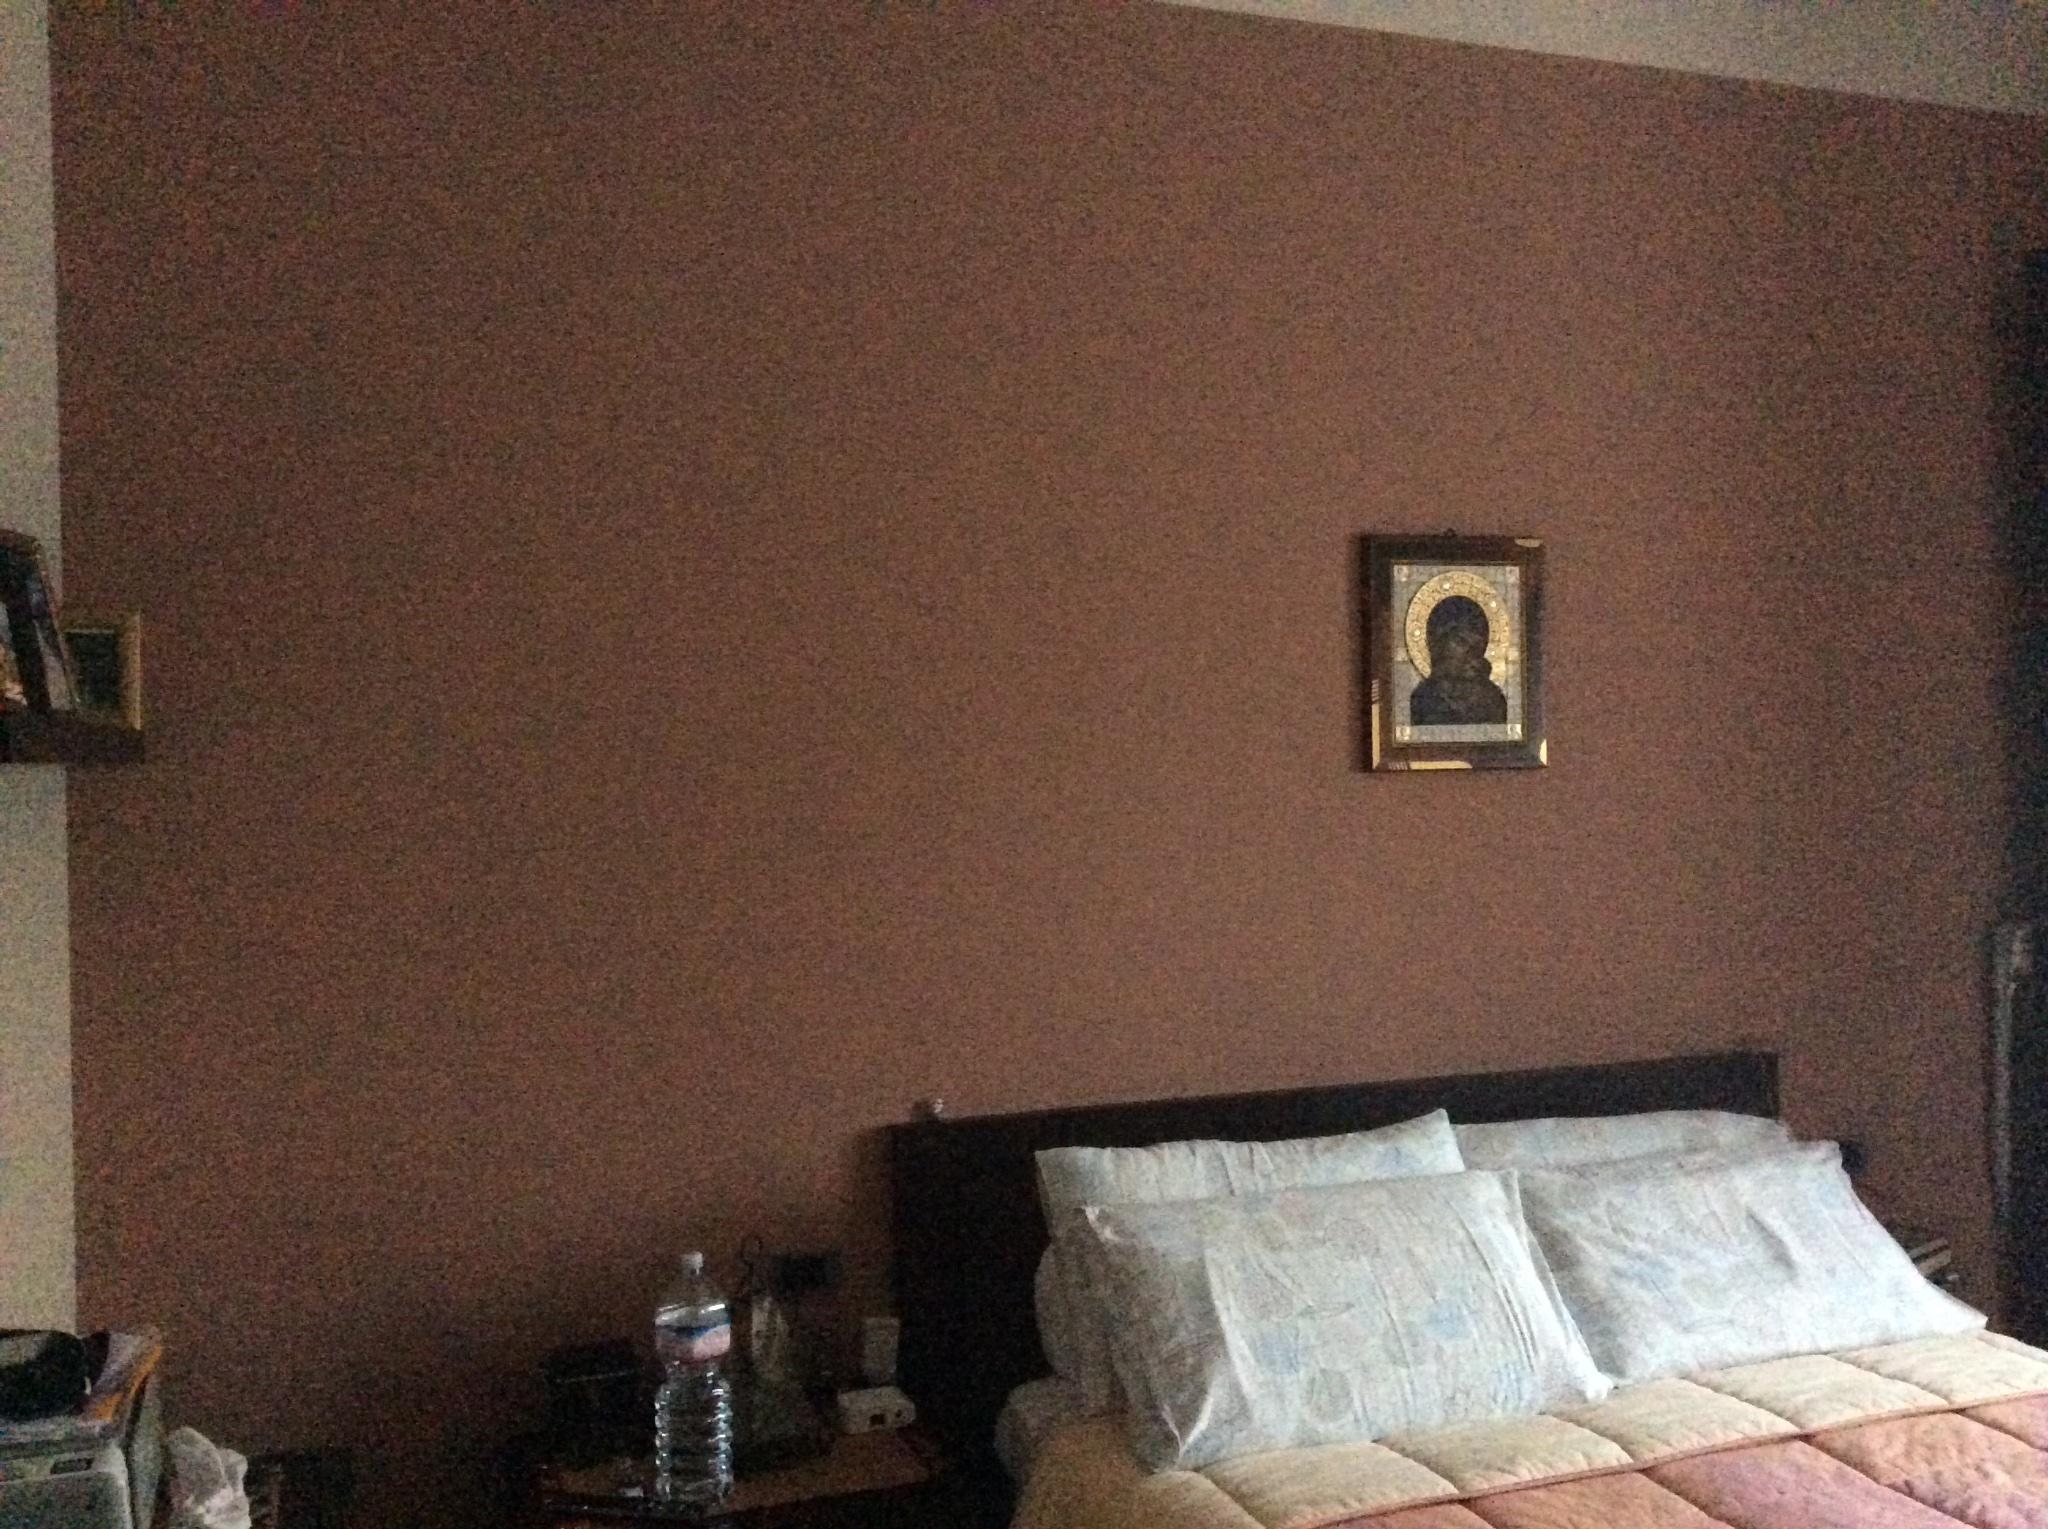 Costruzione armadio mensole su parete sopra letto - Mensole sopra il letto ...